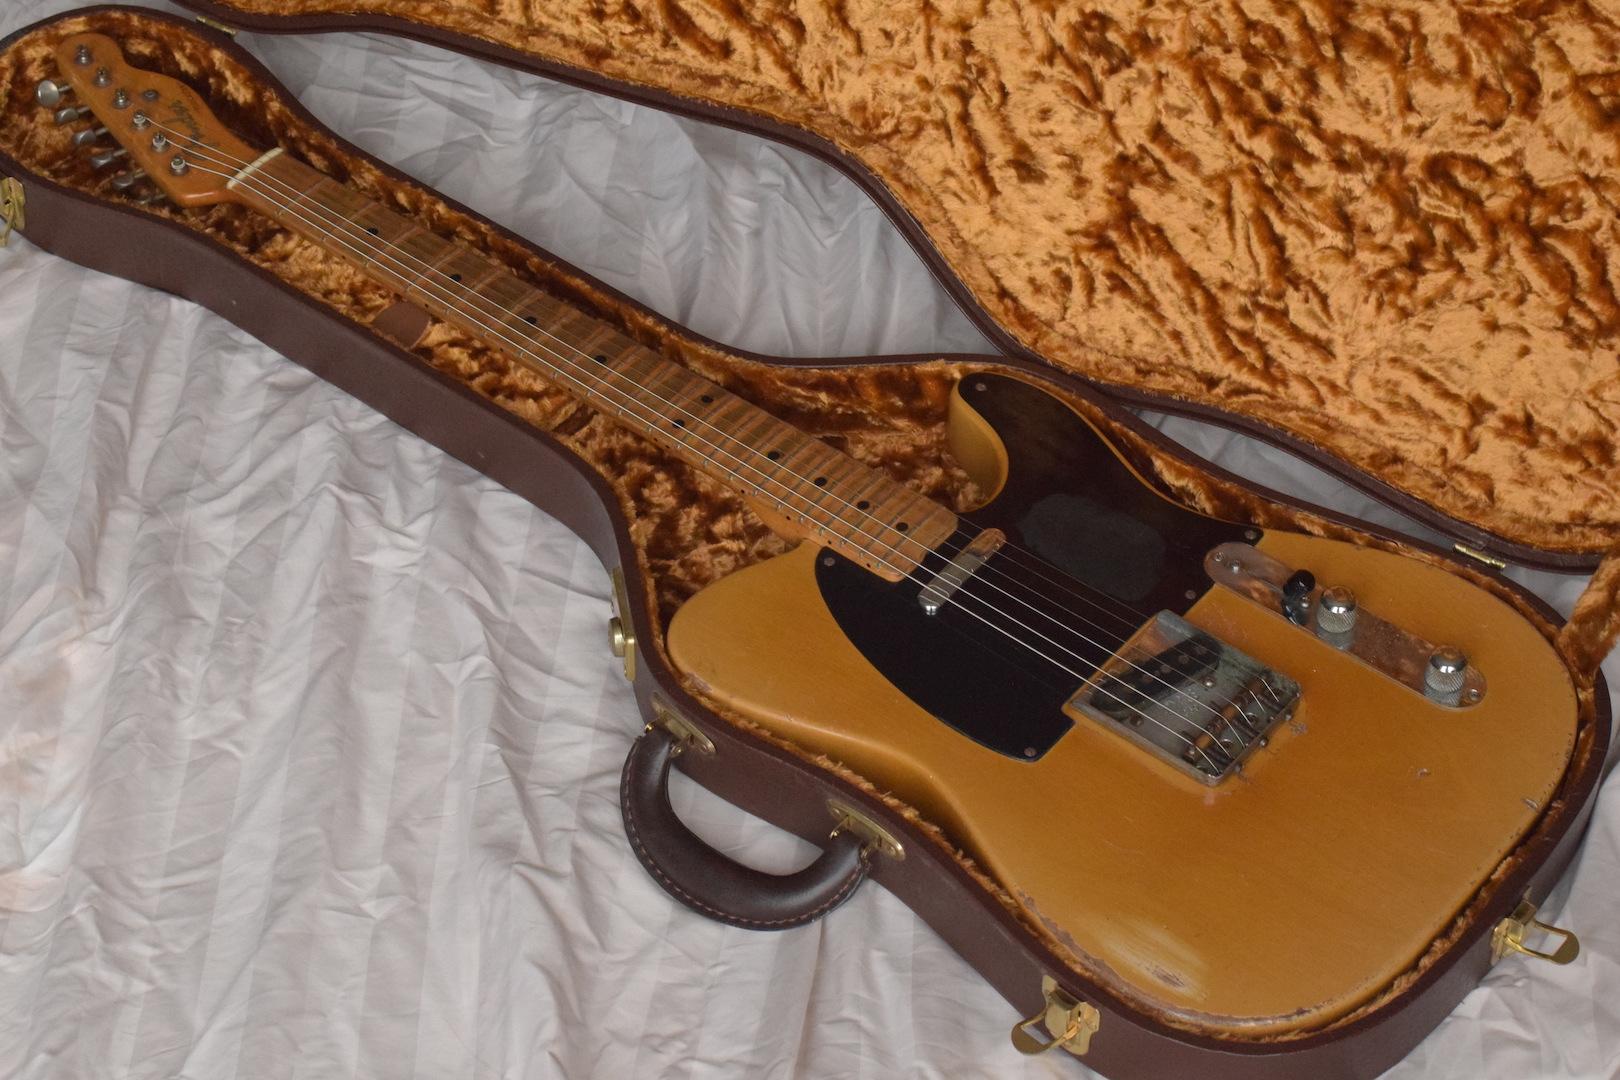 fender telecaster 1953 blonde guitar for sale atoyboy guitars. Black Bedroom Furniture Sets. Home Design Ideas